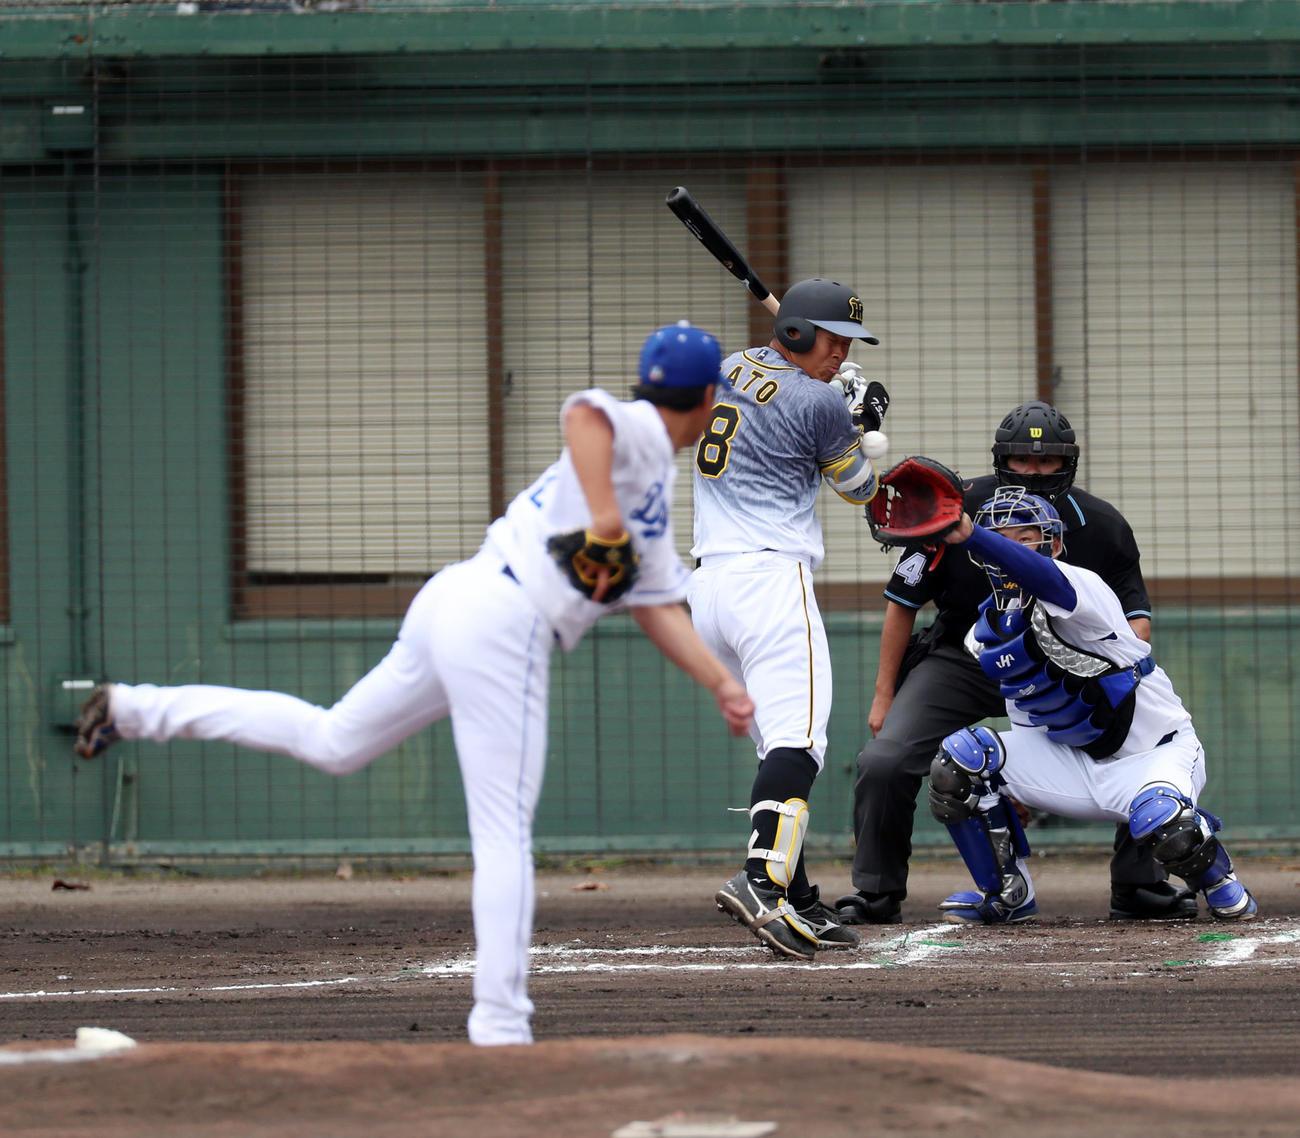 中日対阪神 1回表阪神無死一、二塁、佐藤輝は死球を受ける、左は大野雄(撮影・加藤哉)